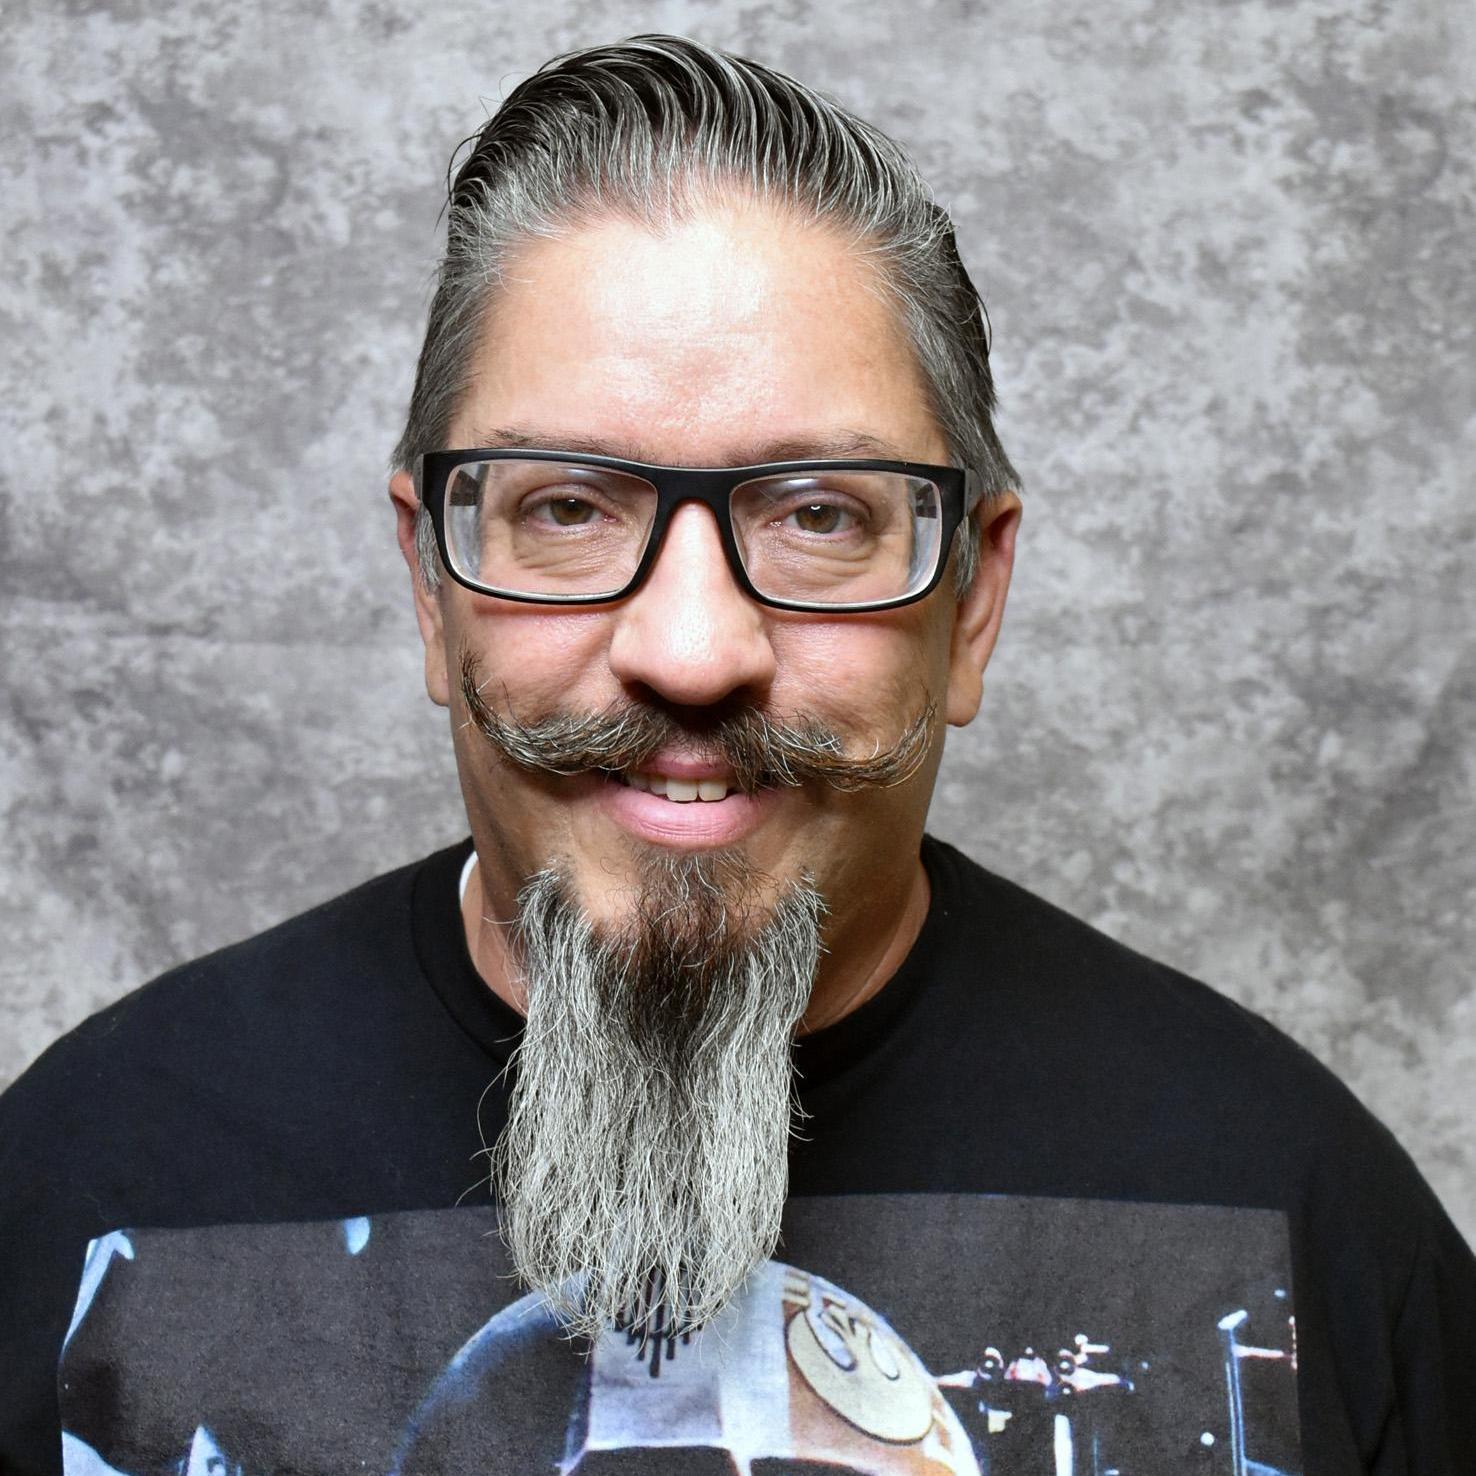 Gordon Plaisted's Profile Photo